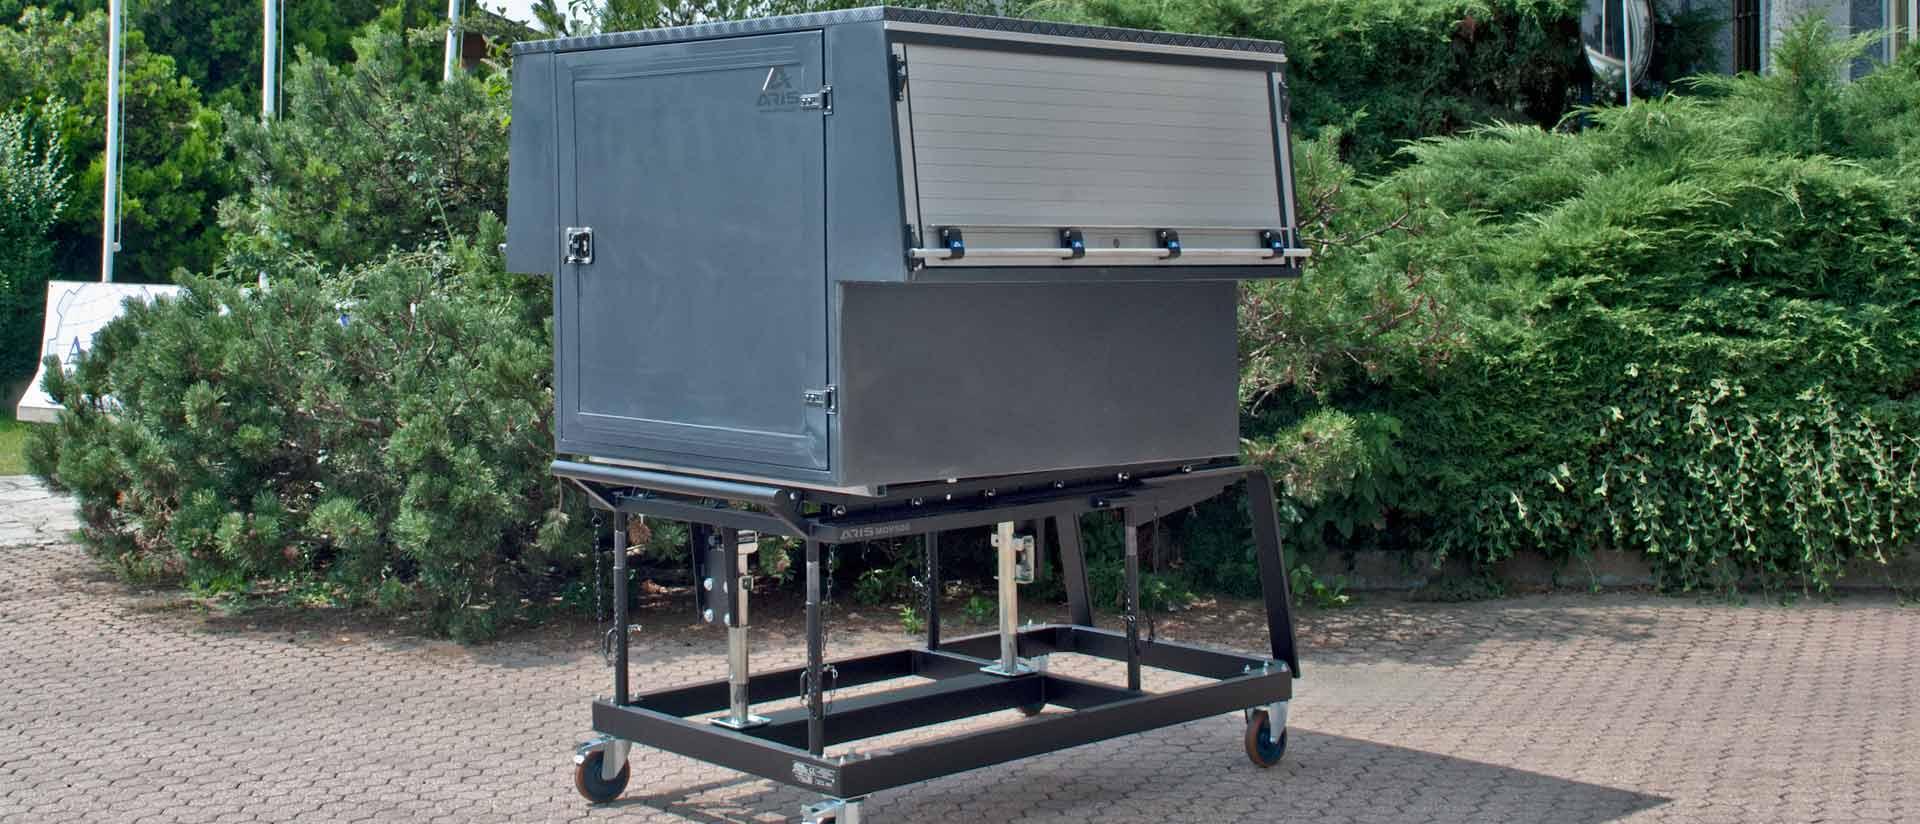 Sistemi per trasporto aris spa for Uniform spa sistemi per serramenti